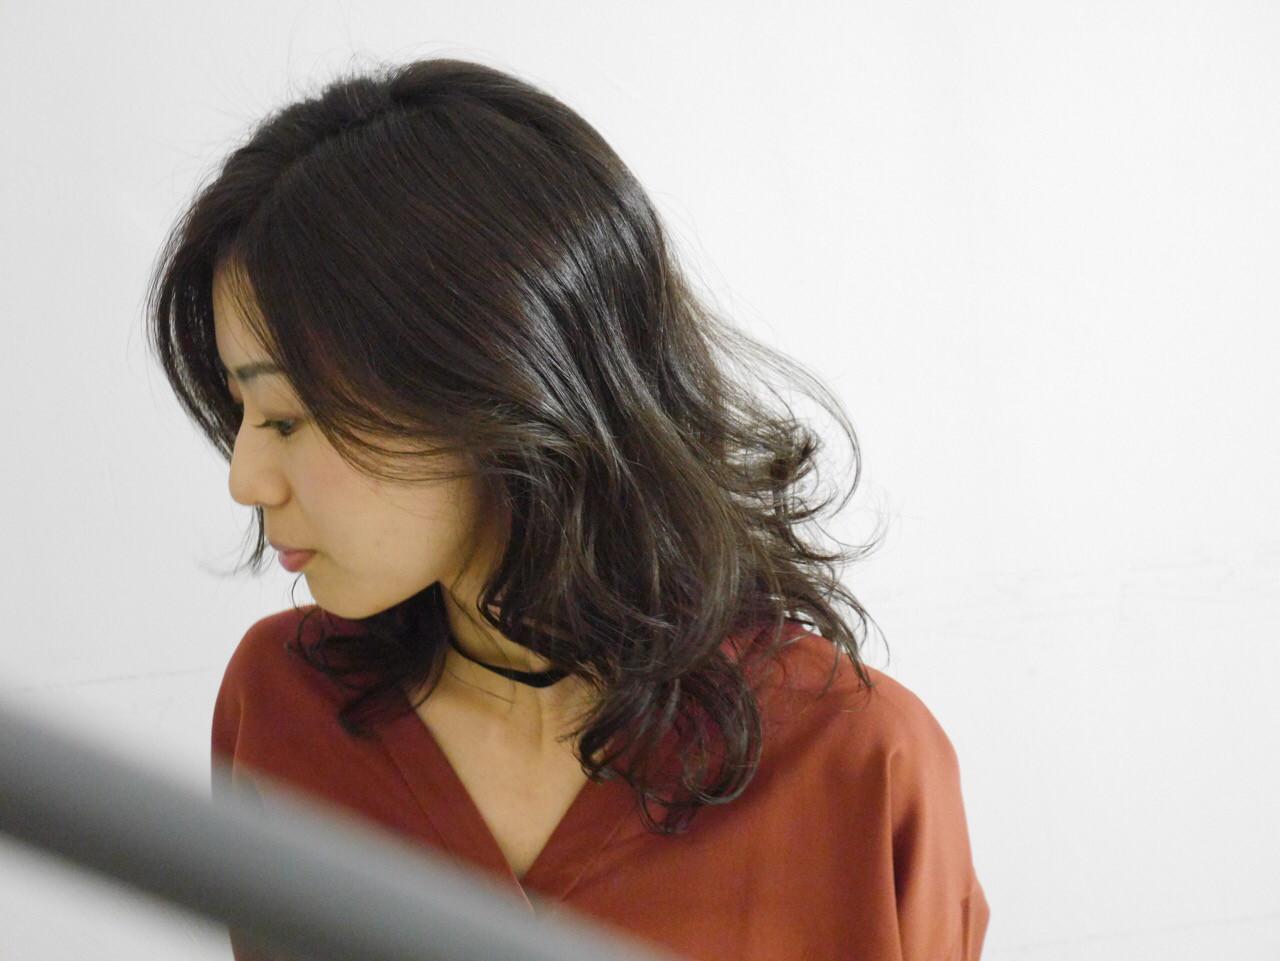 大人女子 ミディアム 内巻き ナチュラル ヘアスタイルや髪型の写真・画像